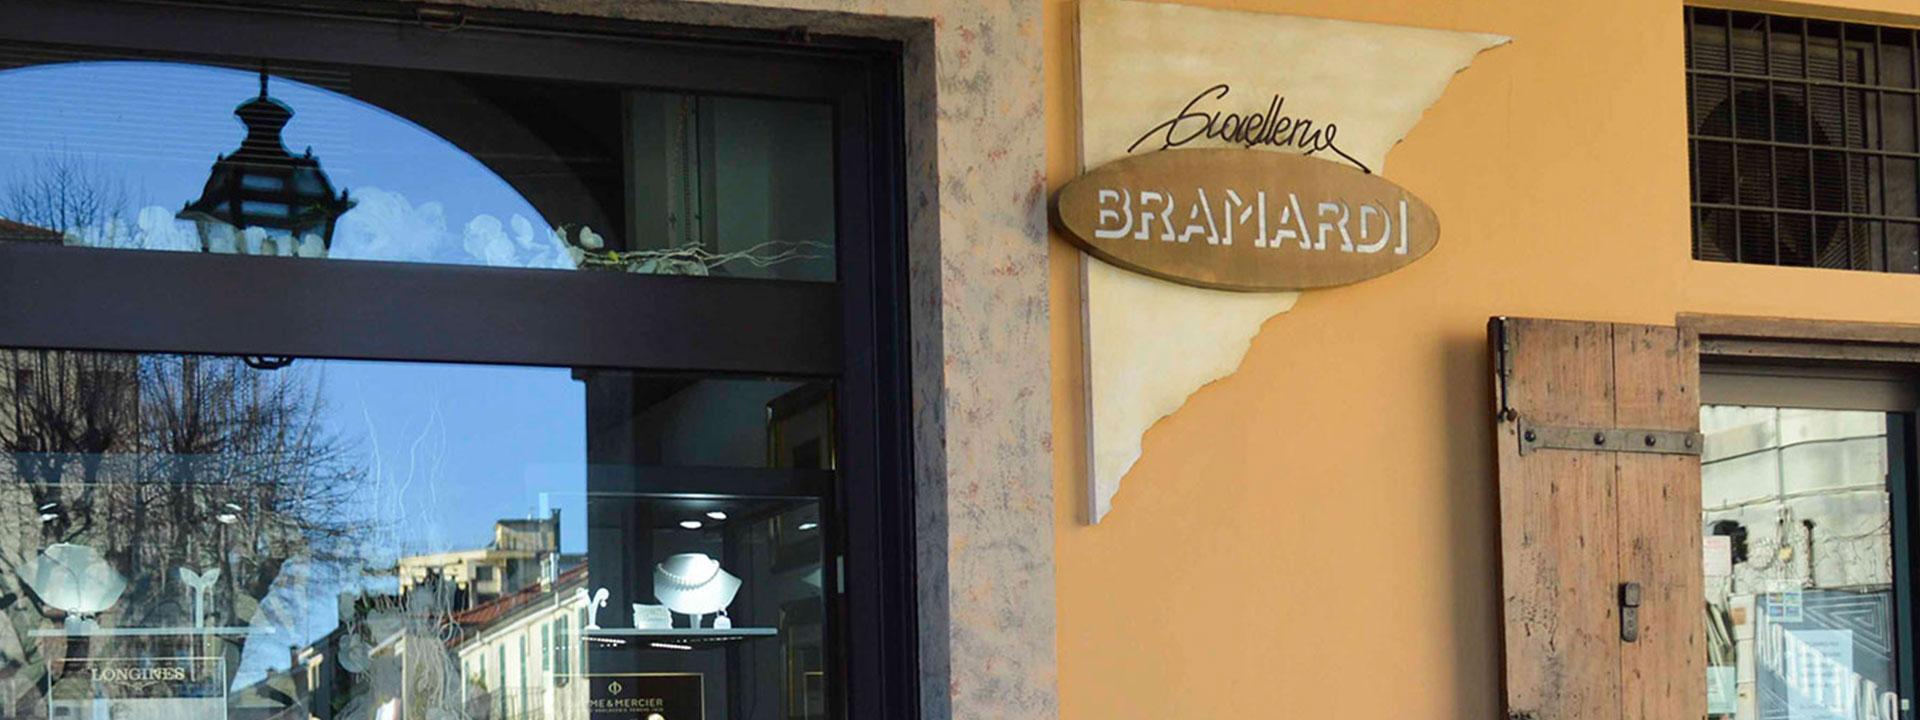 Gioielleria Bramardi